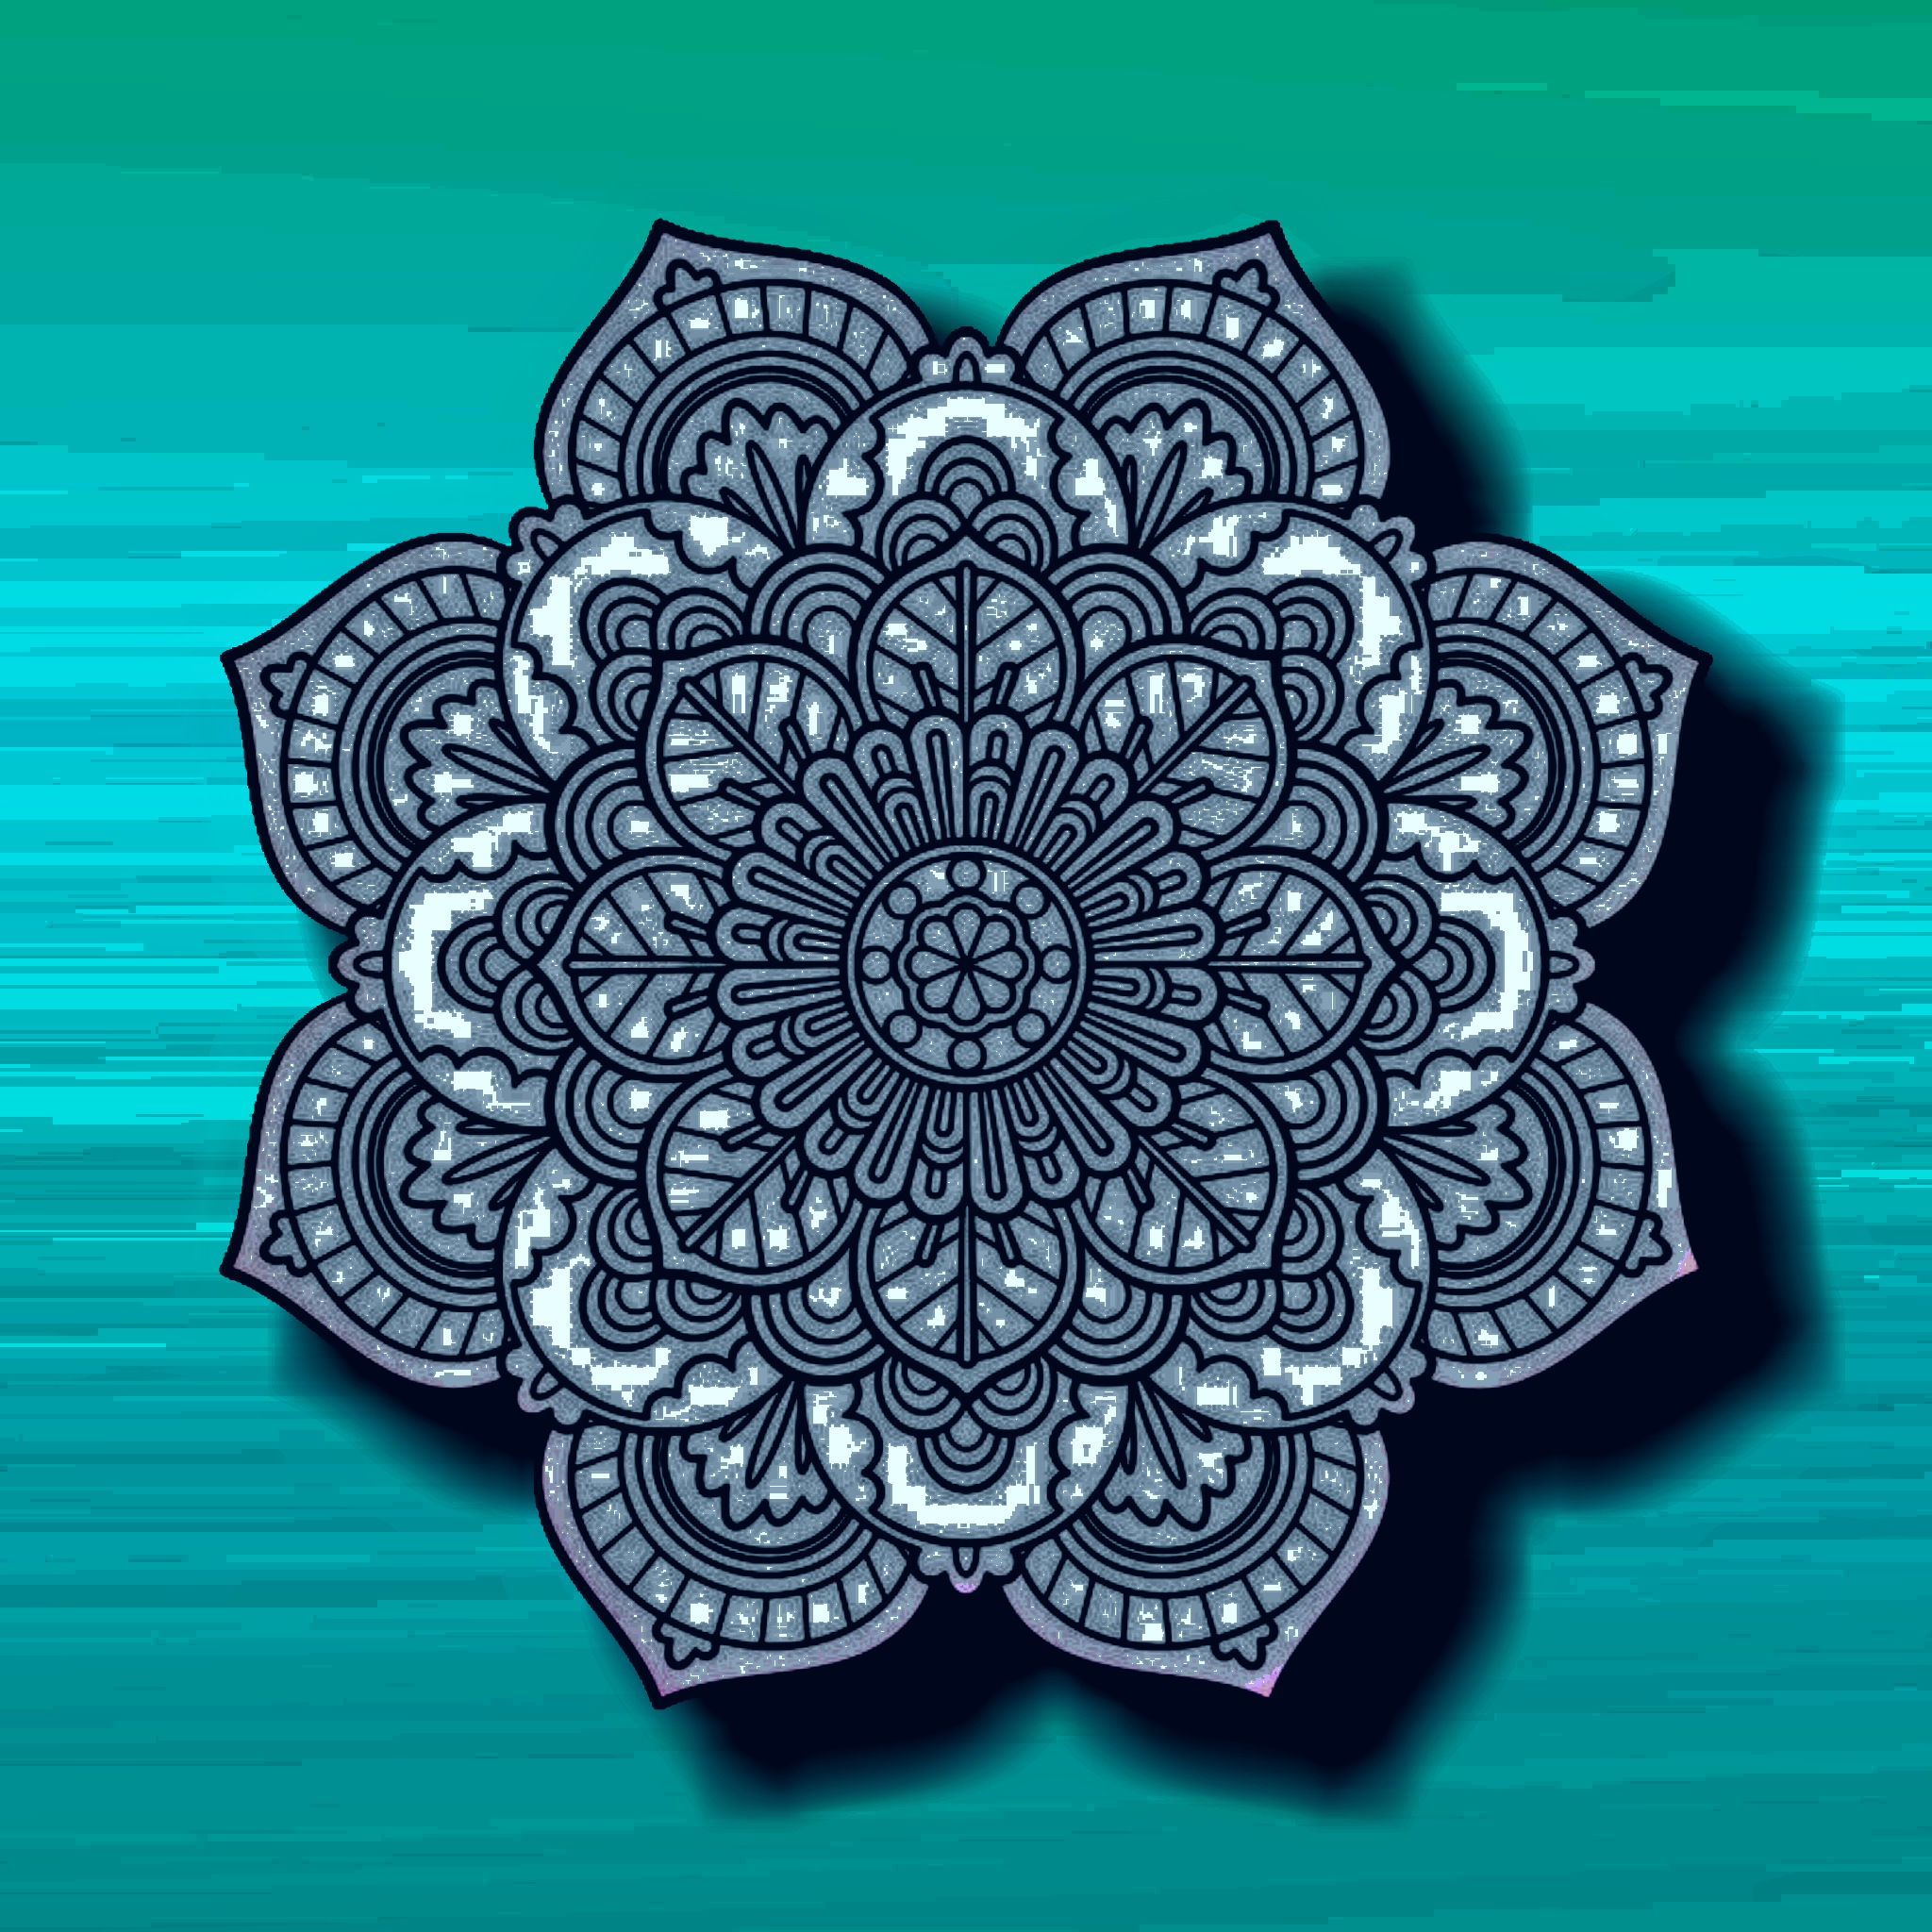 A floral design illustration